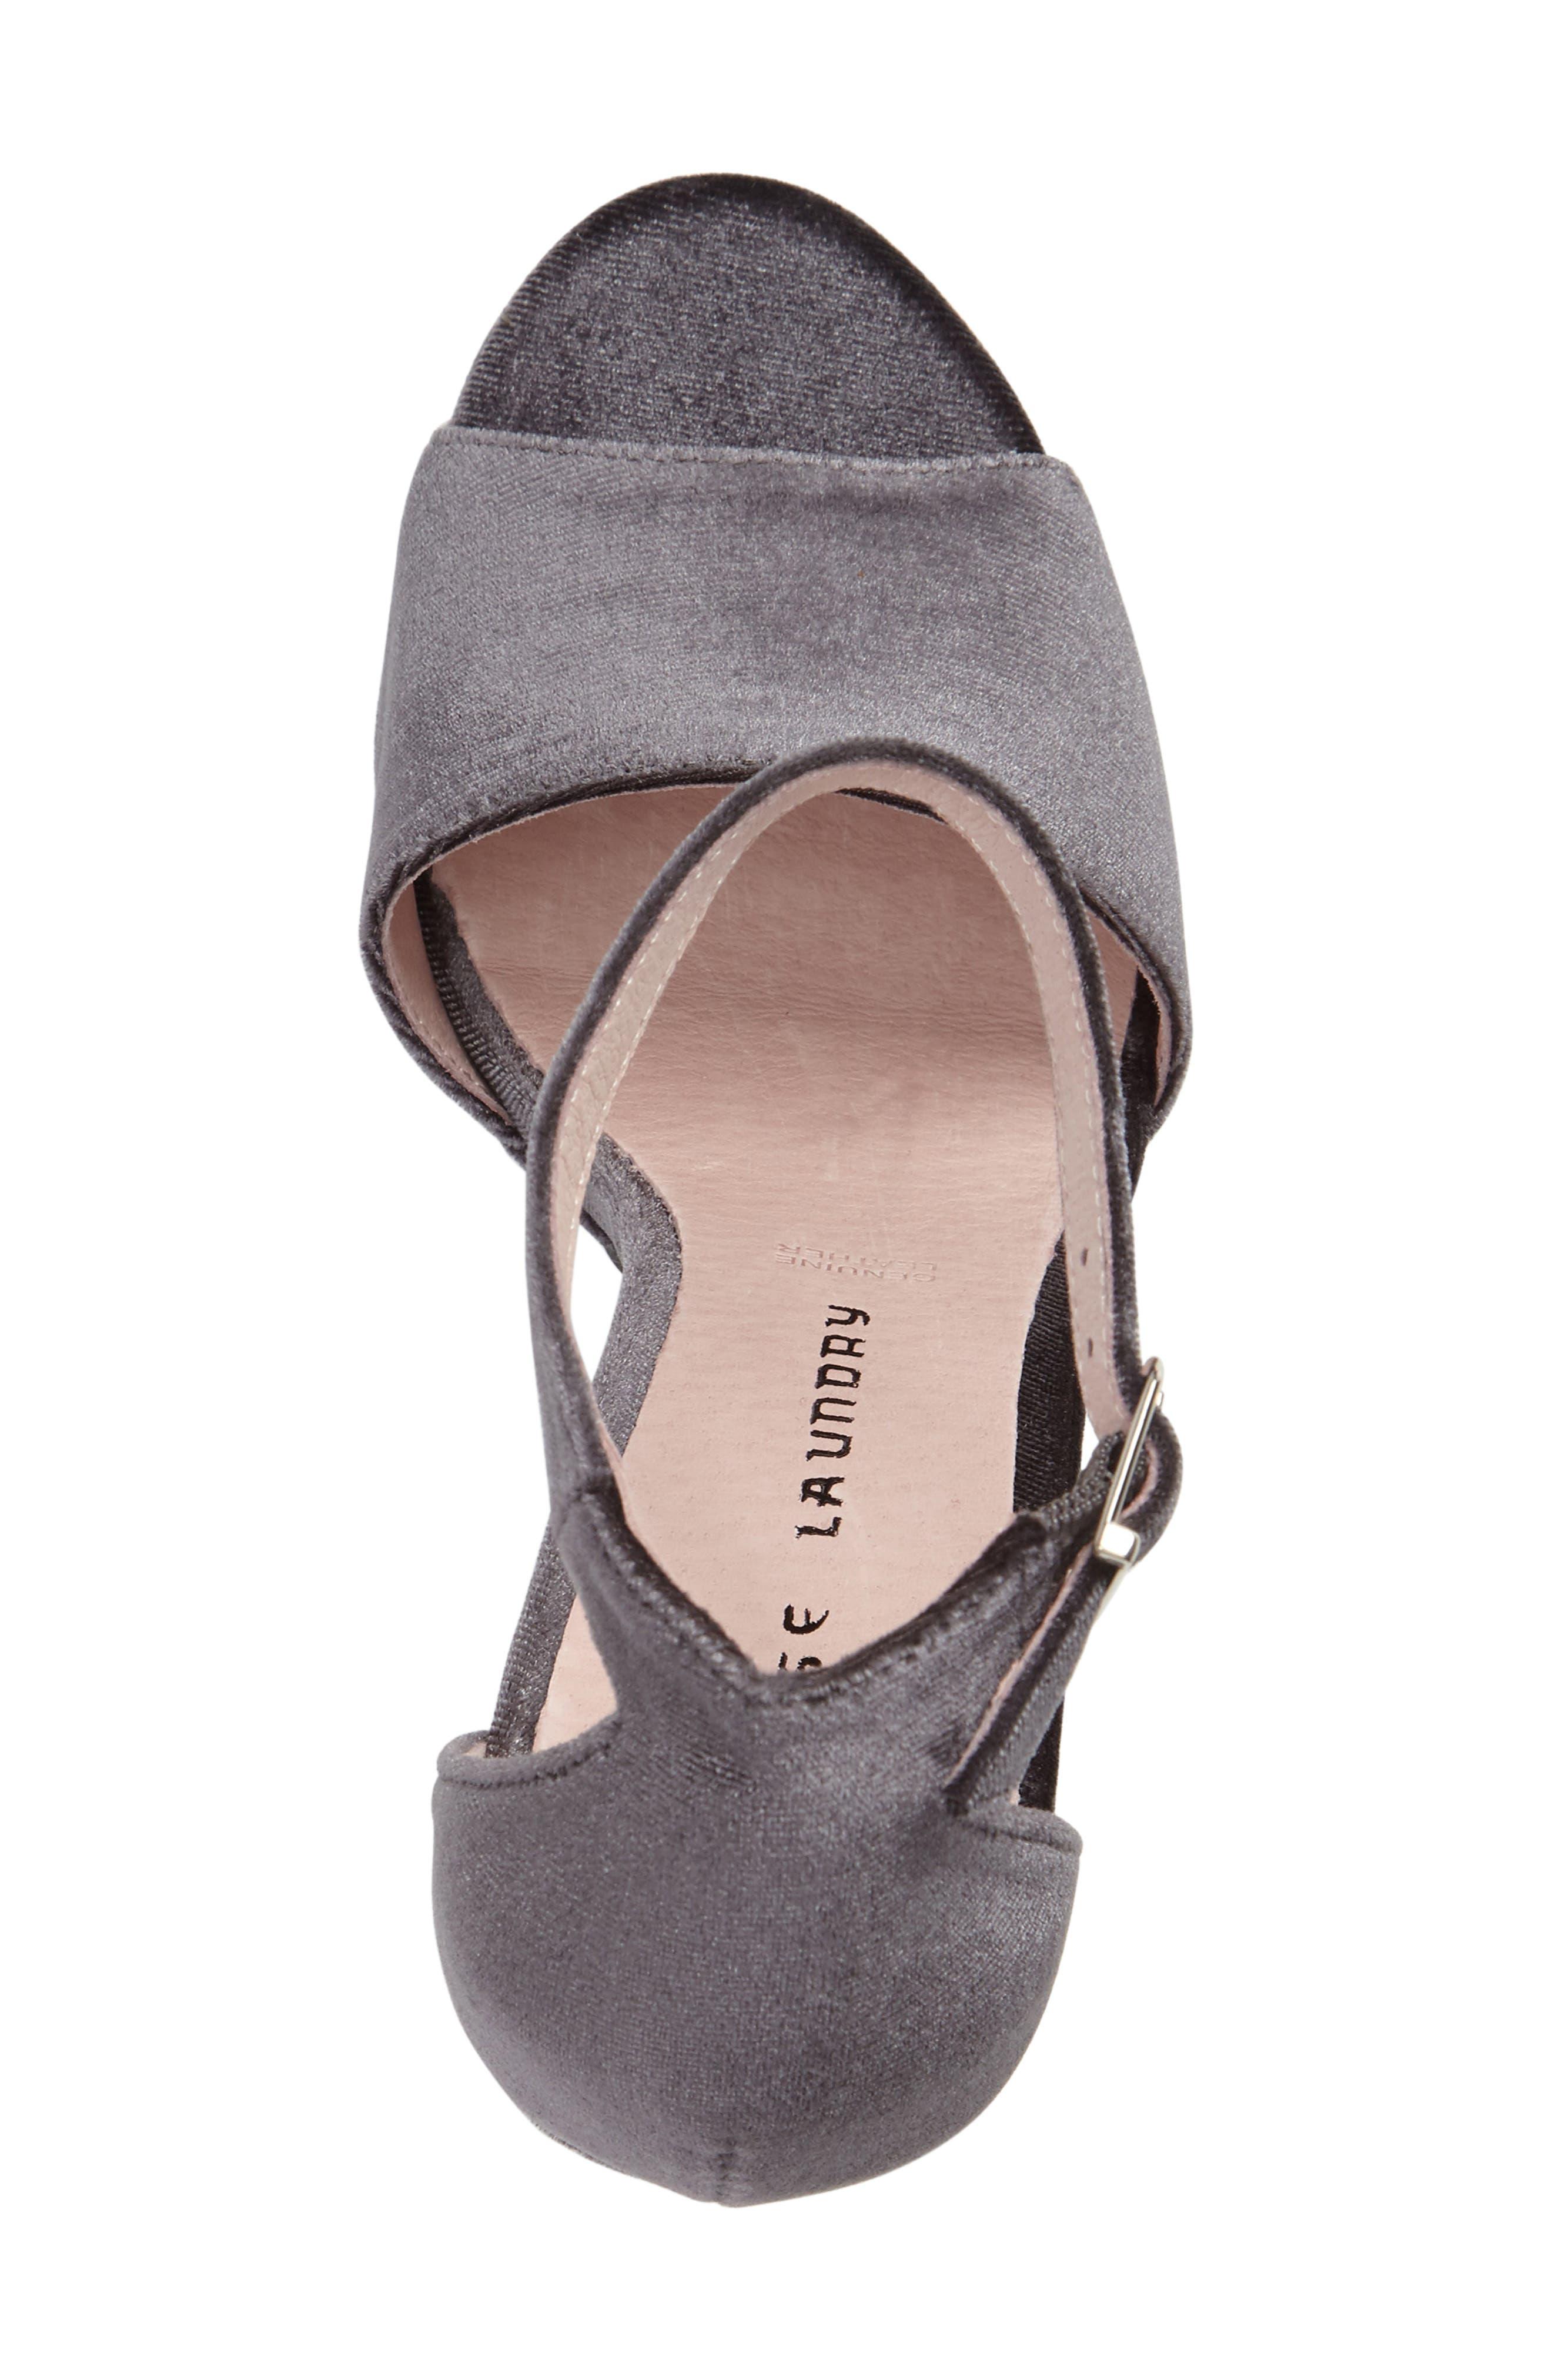 Ace Platform Sandal,                             Alternate thumbnail 3, color,                             035